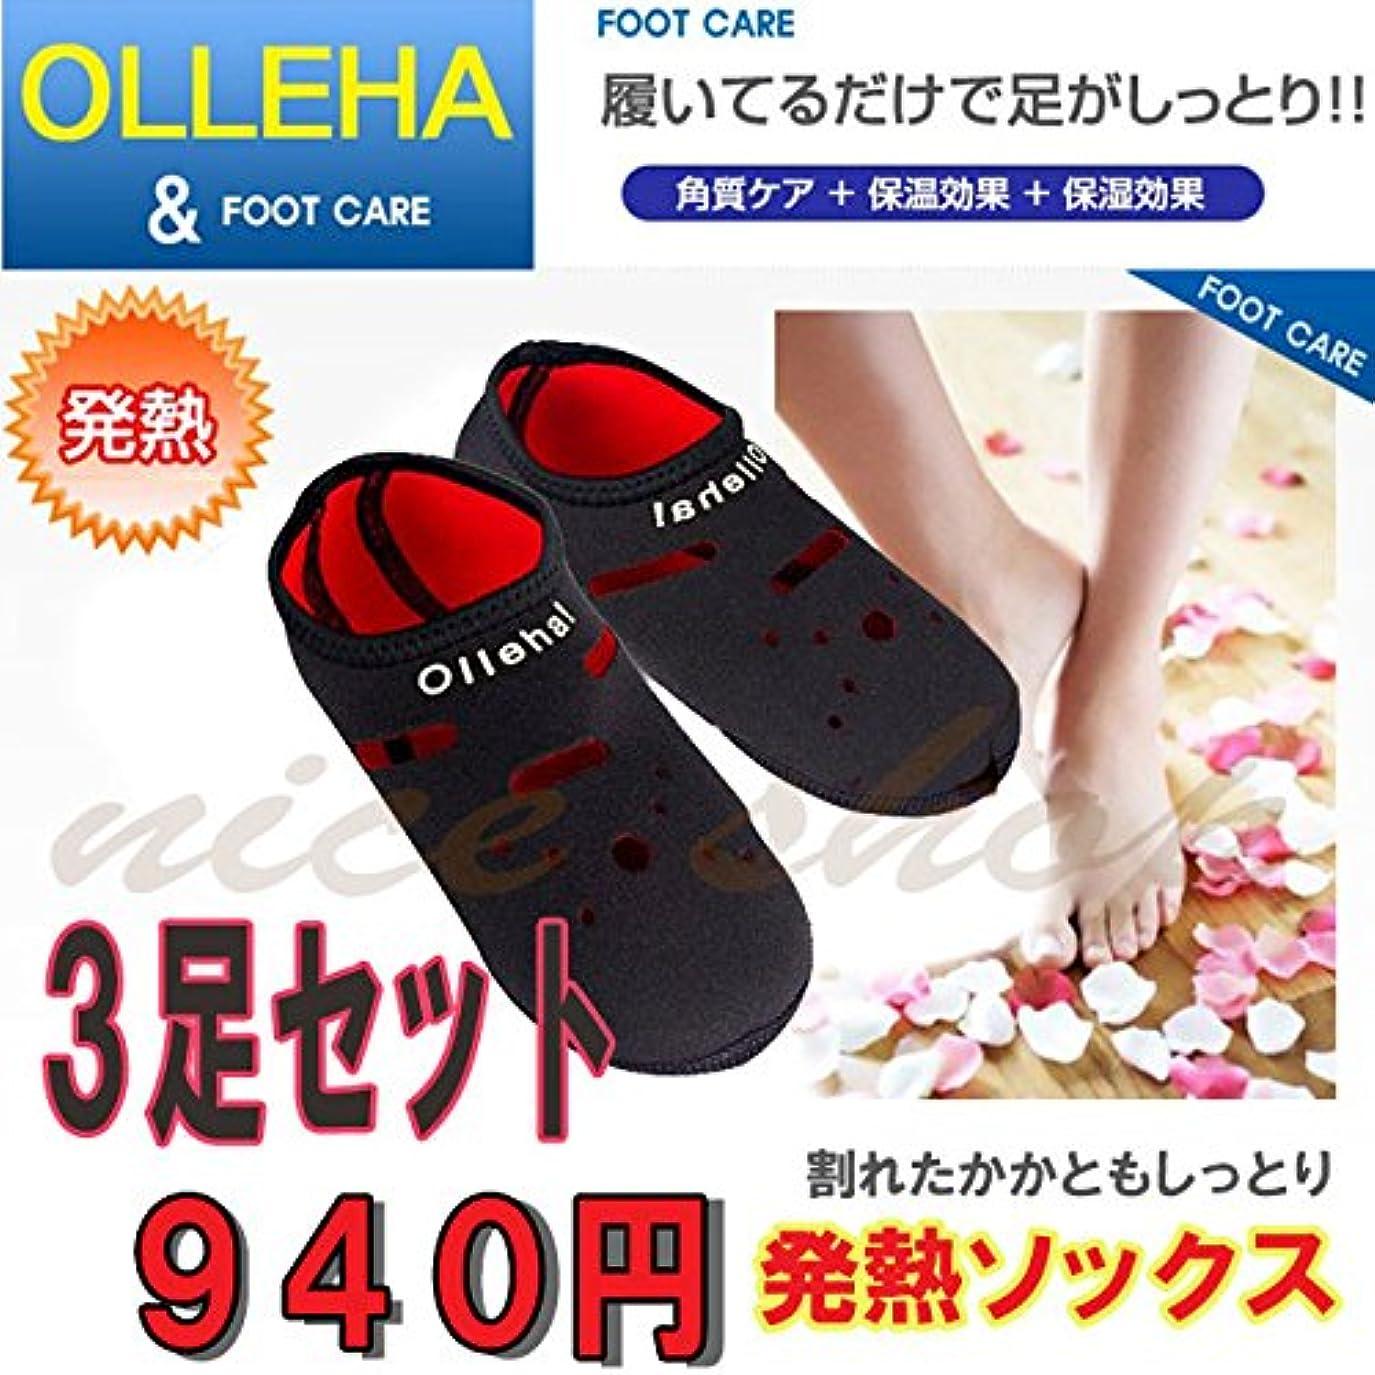 保持賞賛スタンド発熱靴下(足袋)発熱ソックス、フットケアー Olleha! (L(24.5~26.0))